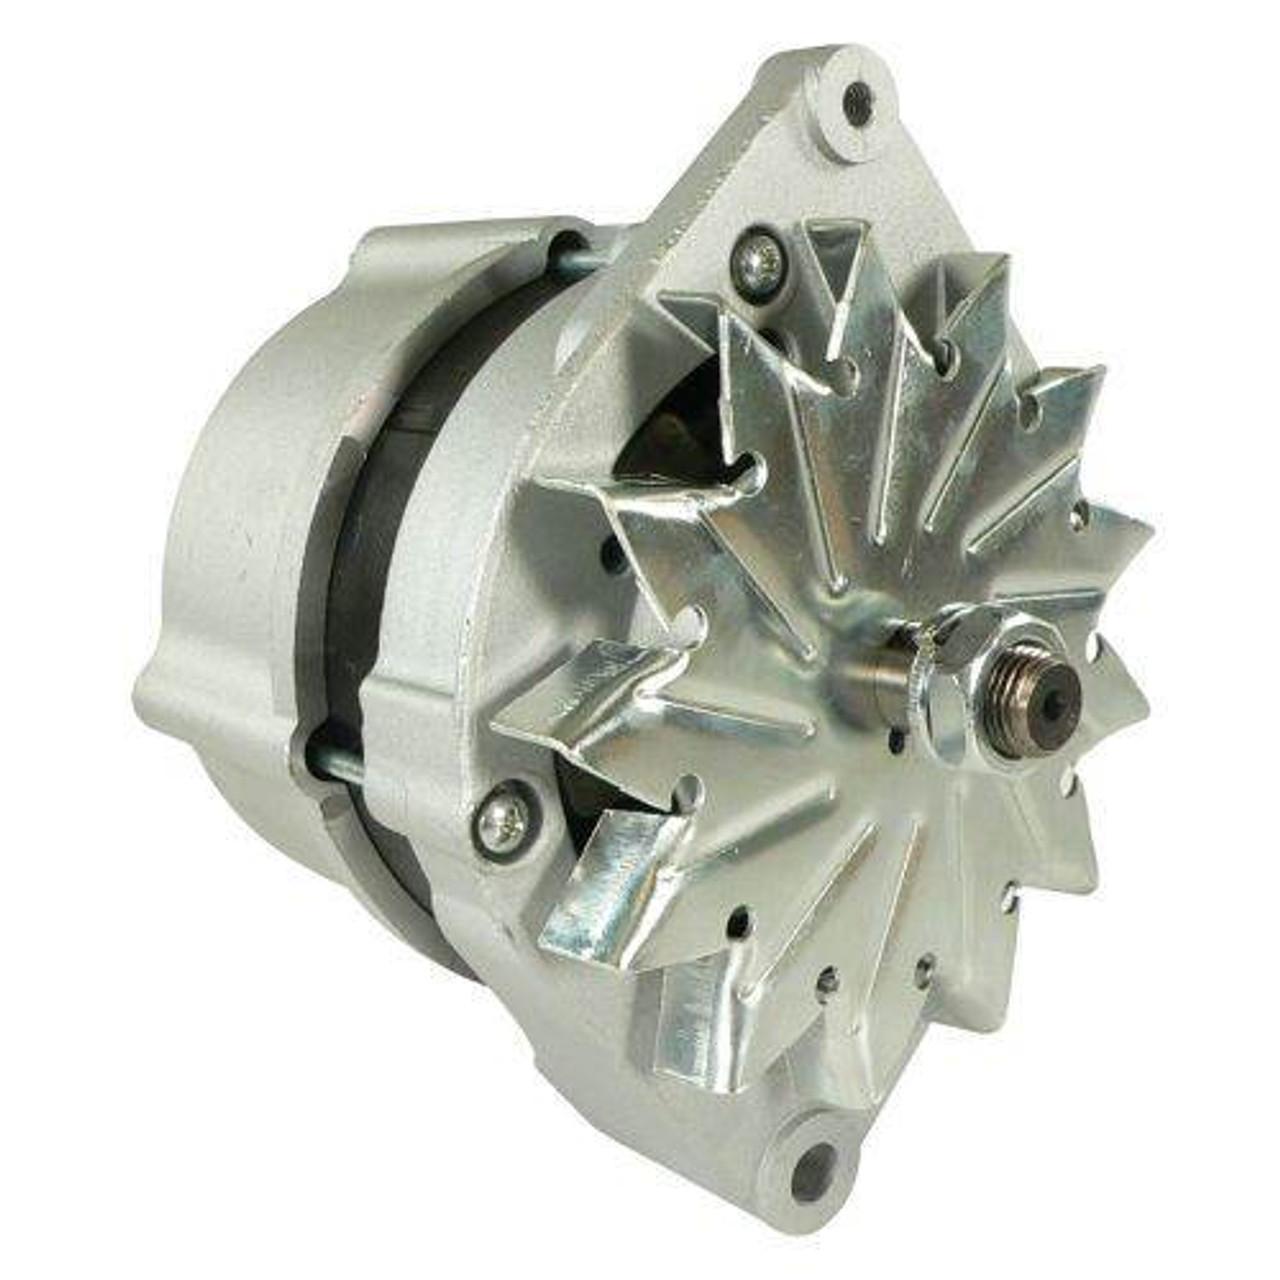 John Deere Engine 4045 12v 60a Alternator 12161